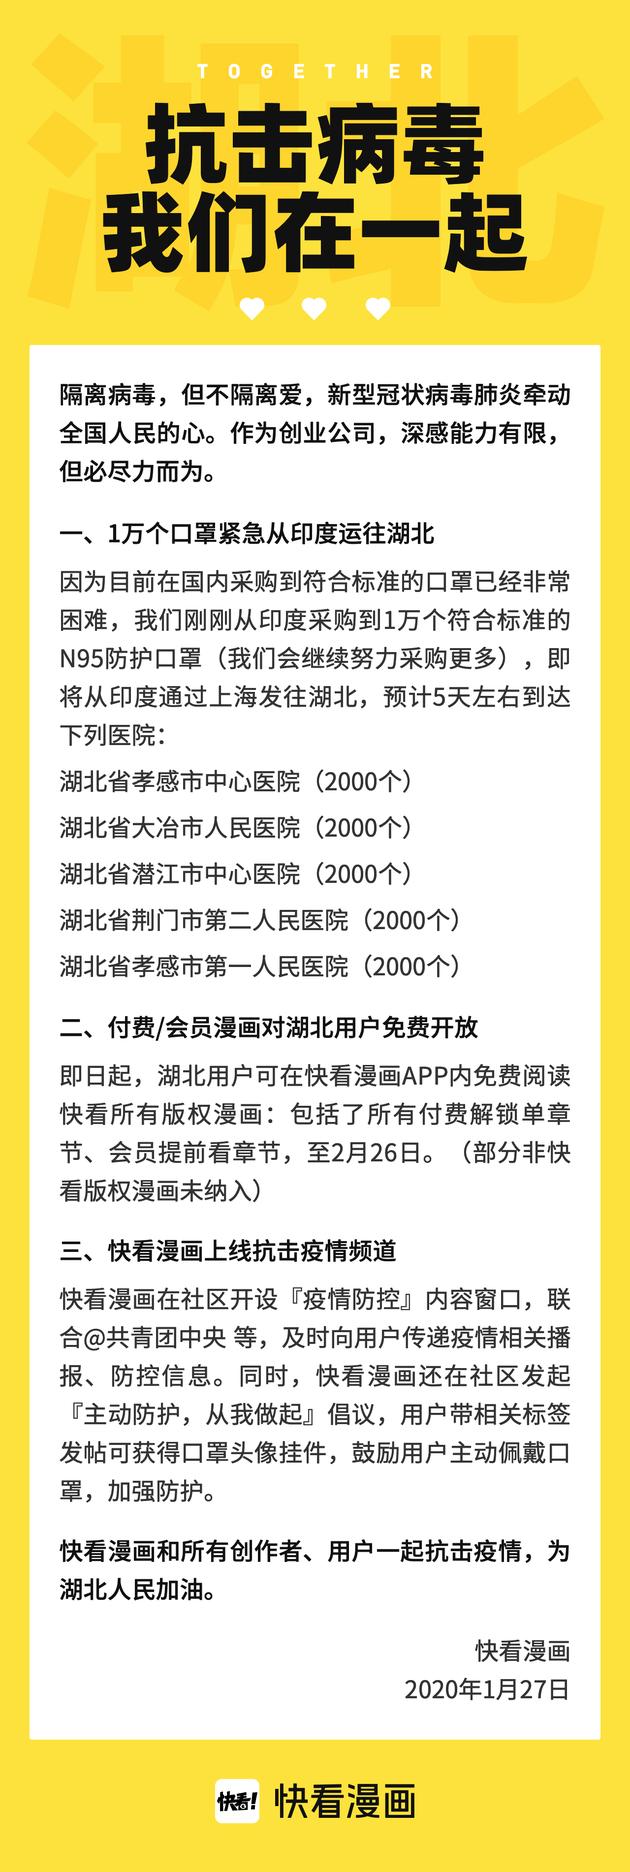 支援湖北:快看漫画购1万口罩 免费开放版权作品